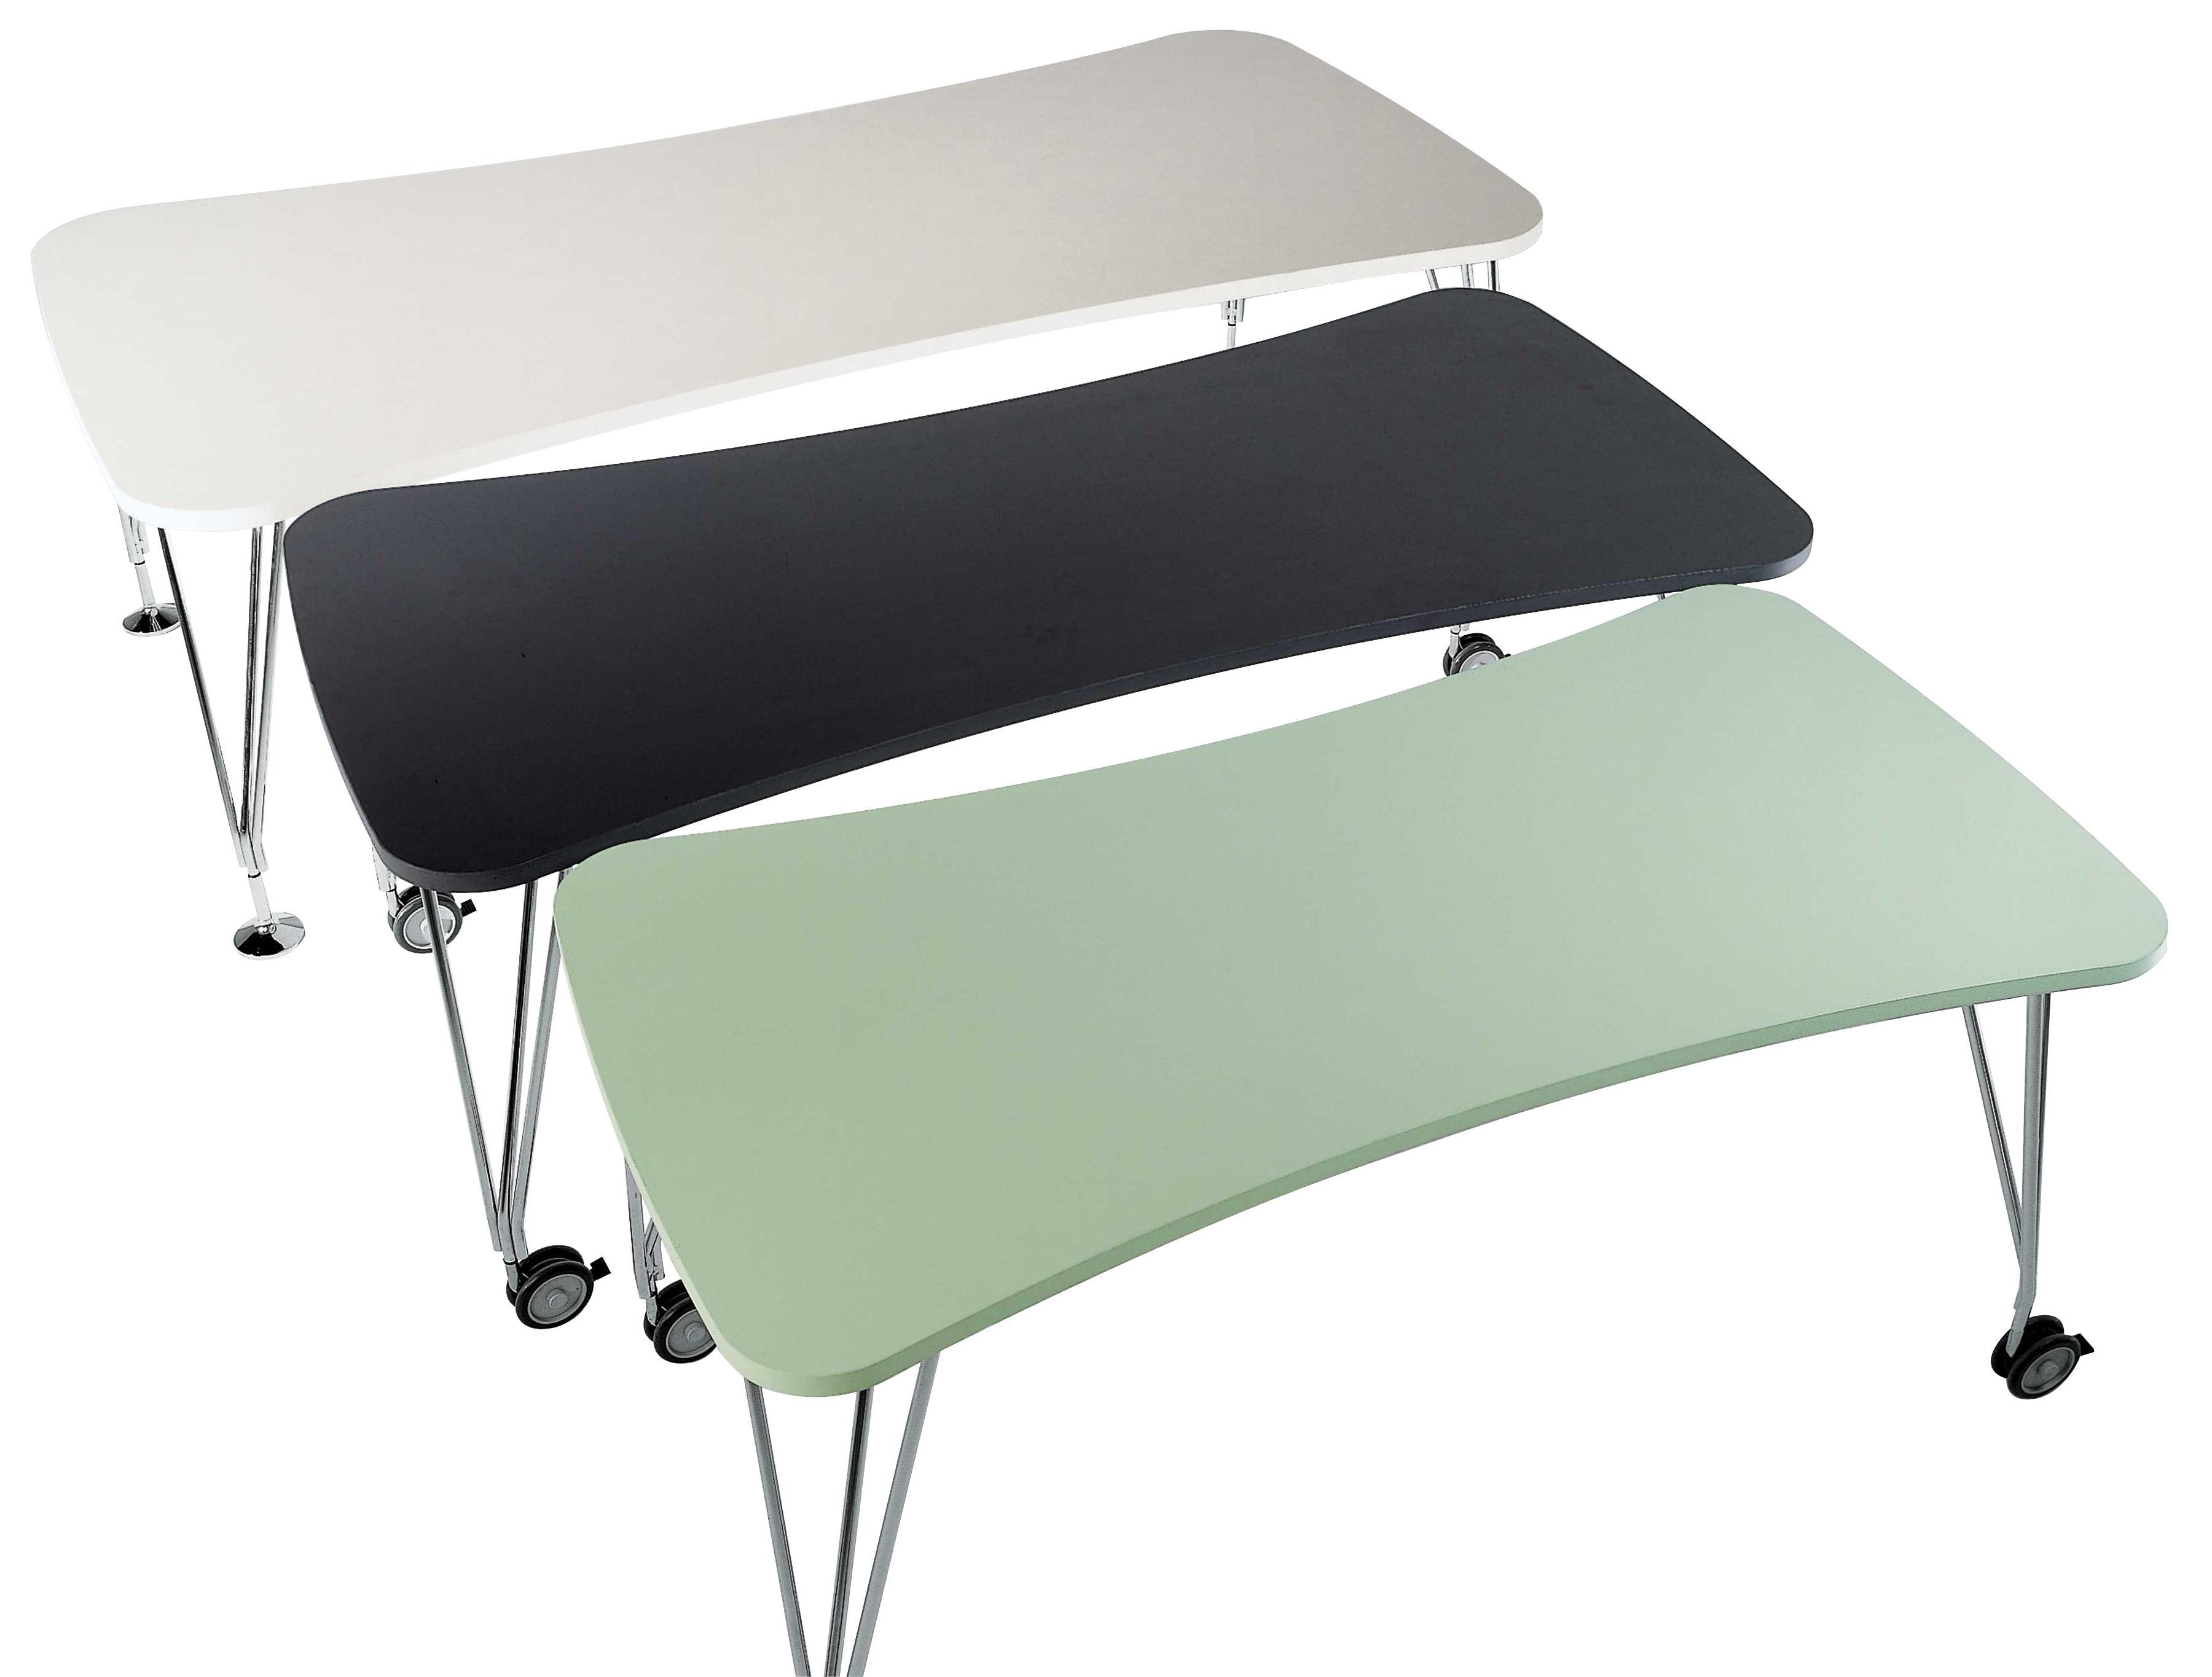 Mobilier - Mobilier Ados - Table Max / Bureau - Roulettes - L 160 cm - Kartell - Blanc - Acier chromé, Laminé